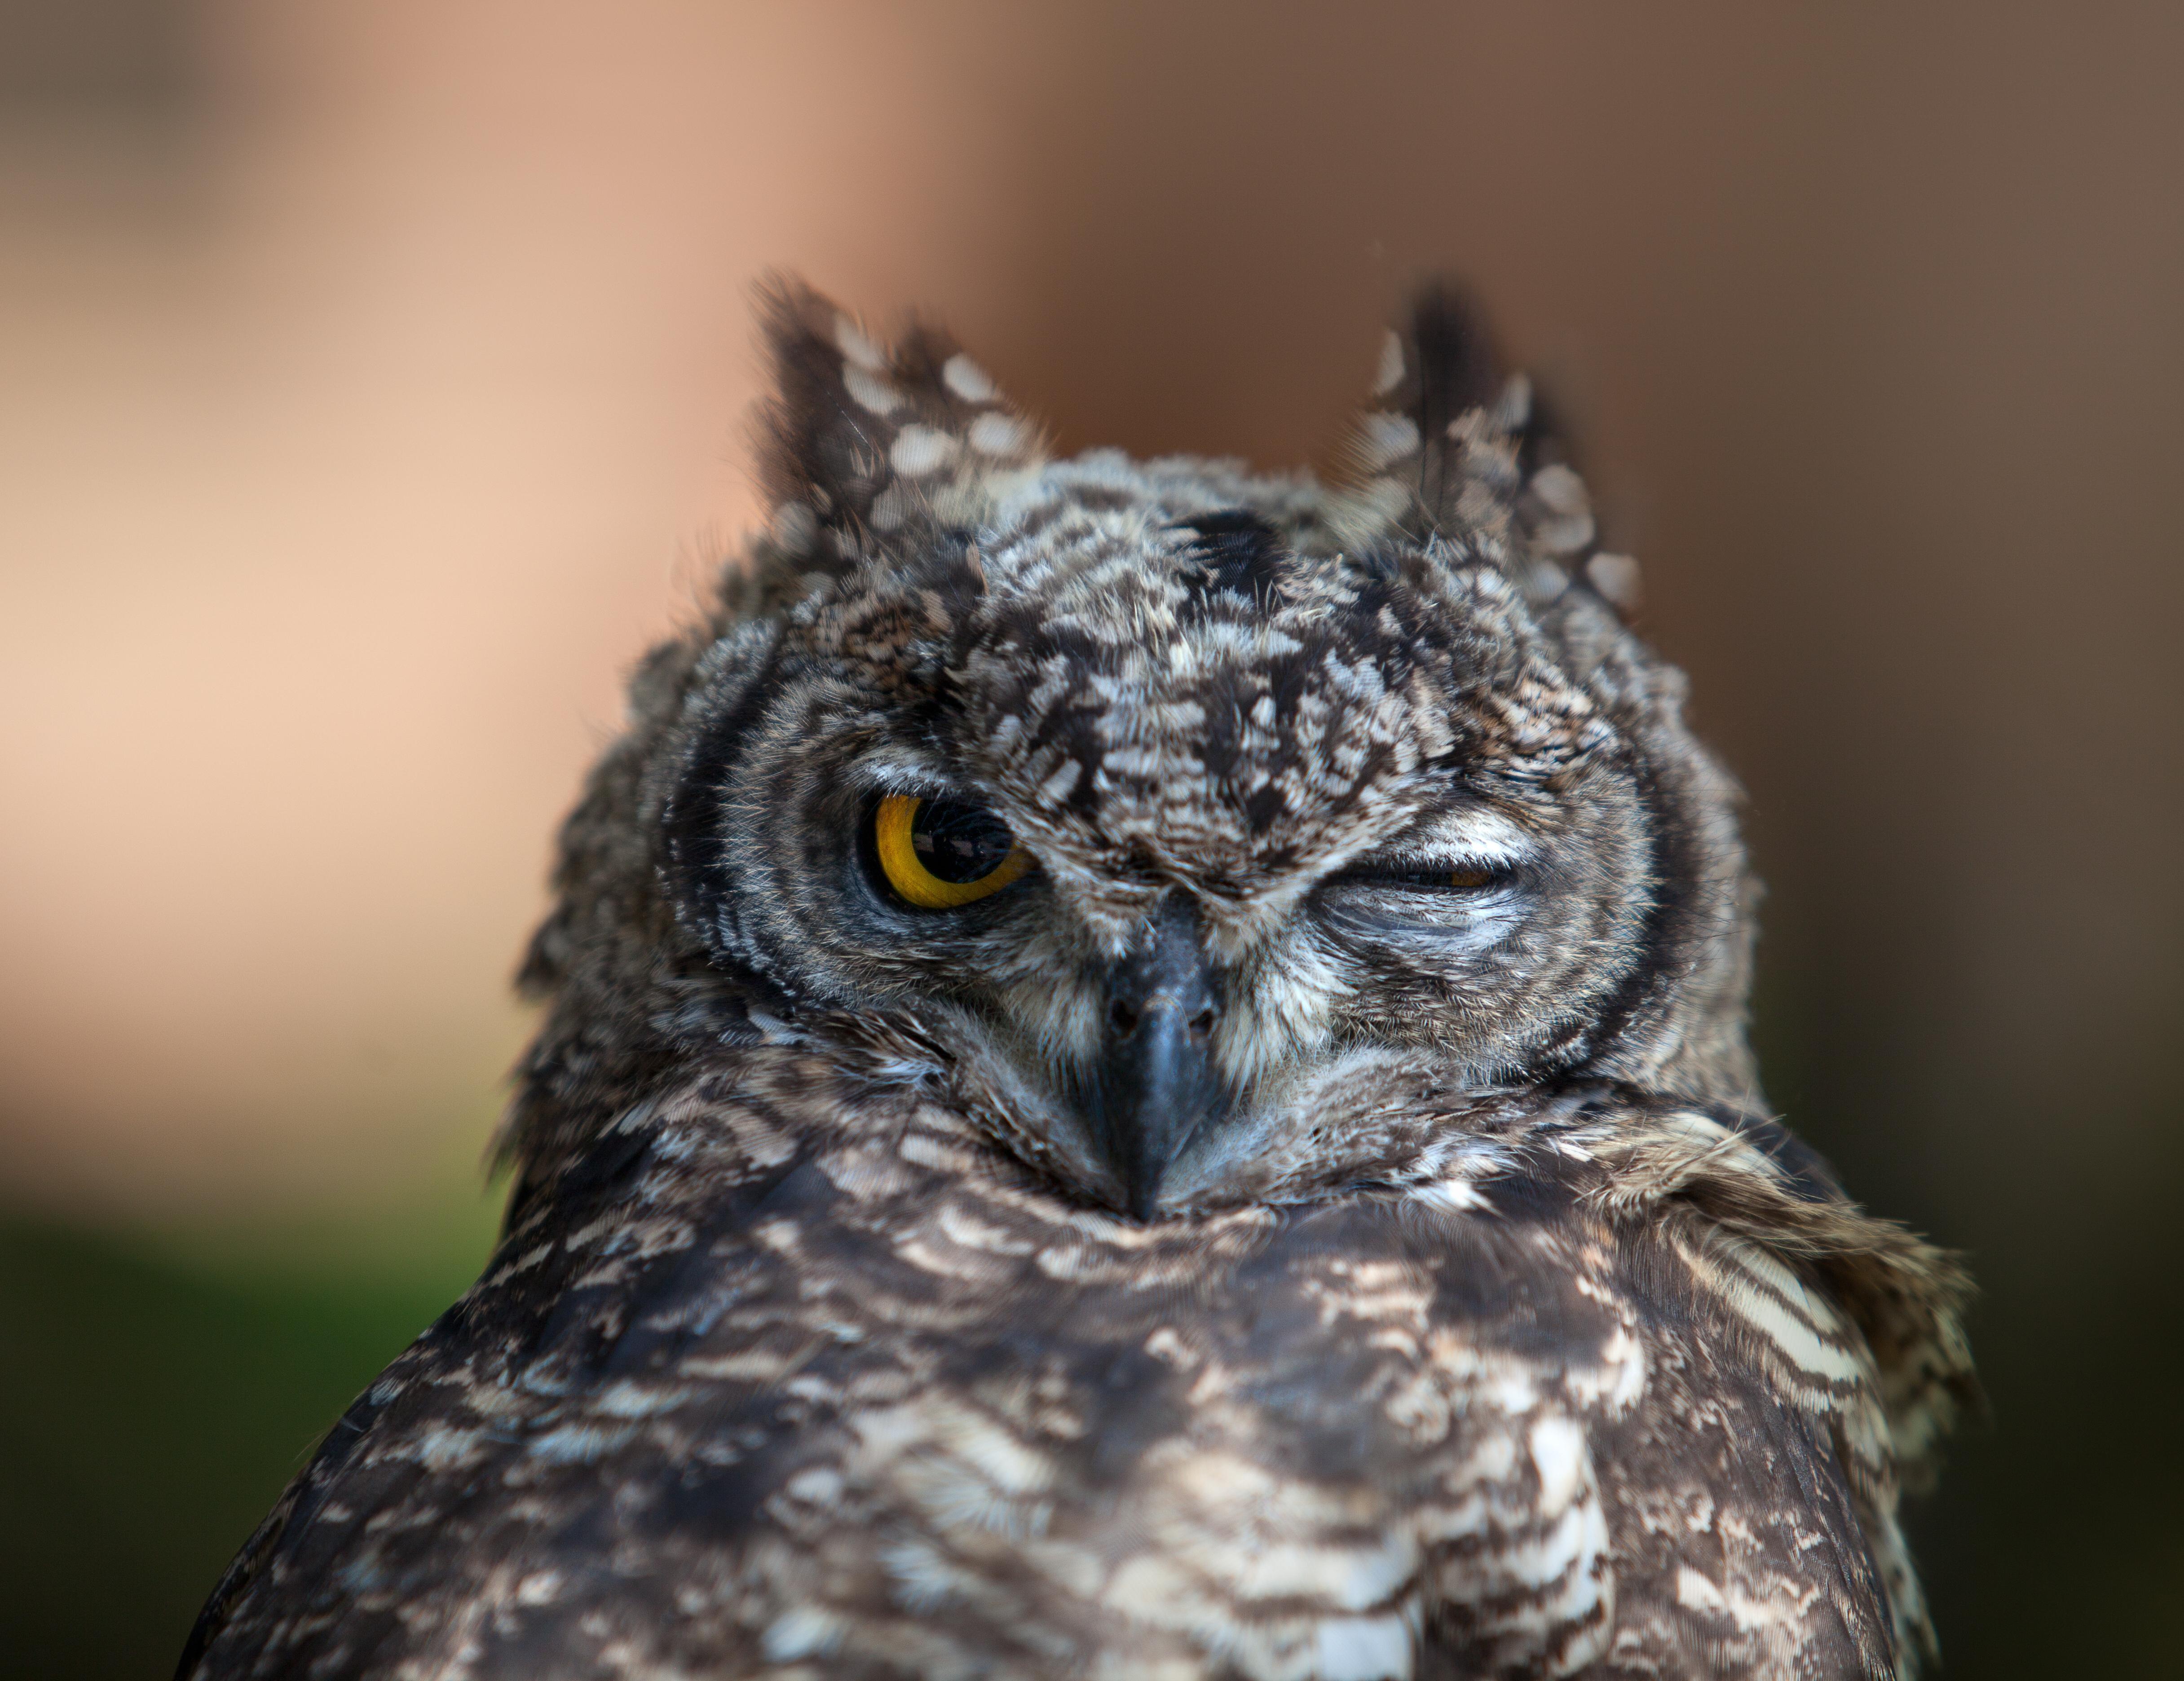 картинки на аву животных и птицы мастер-класс идеальное безе